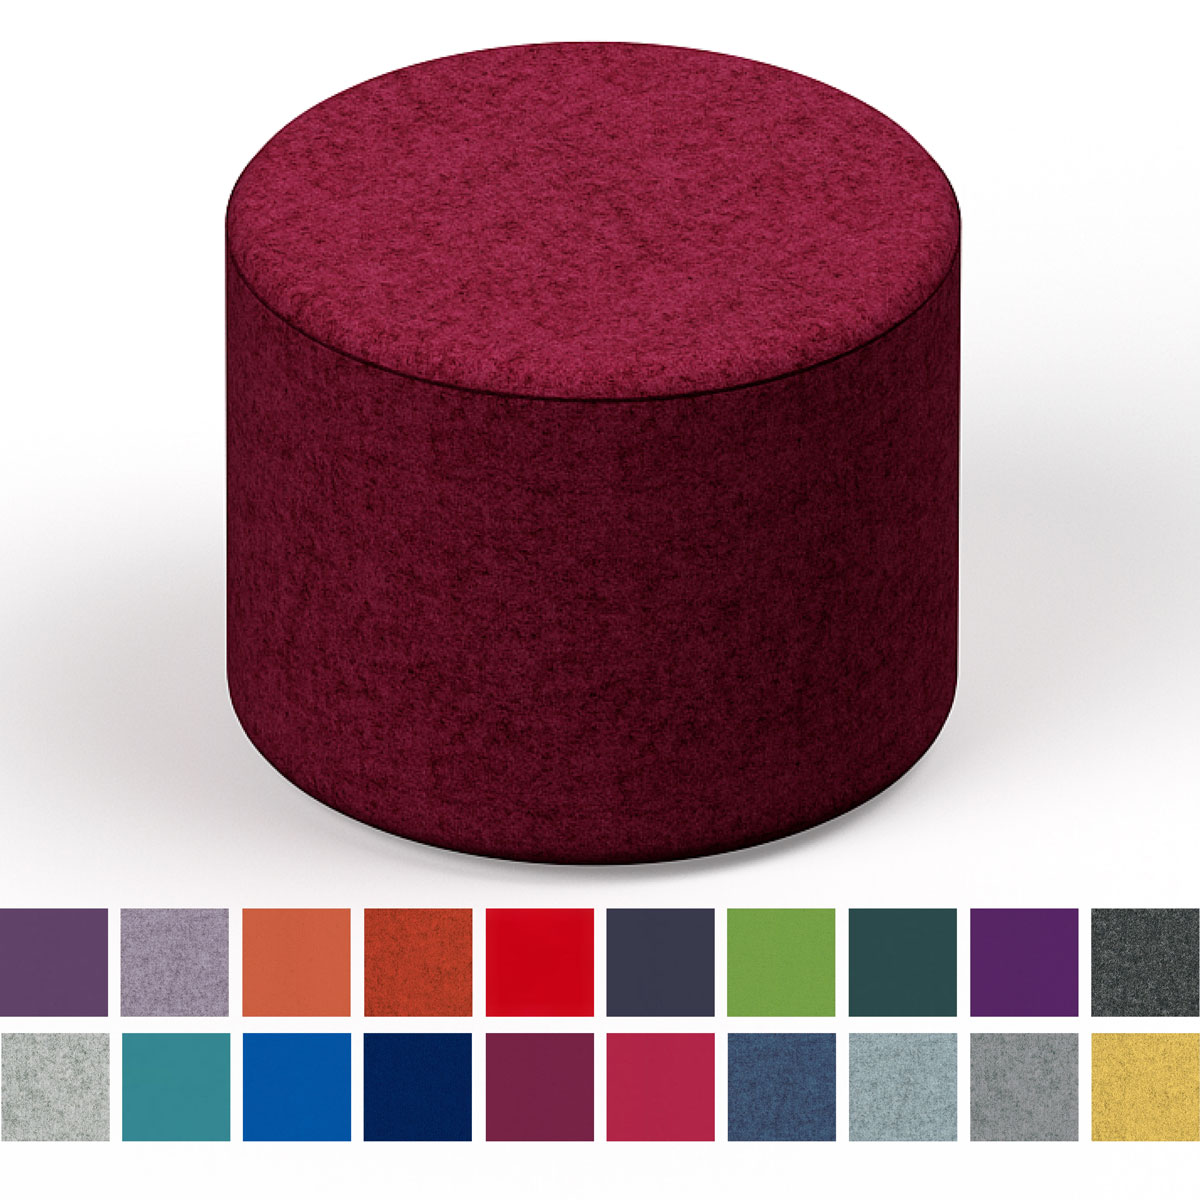 Tapa-couleurs-presentation